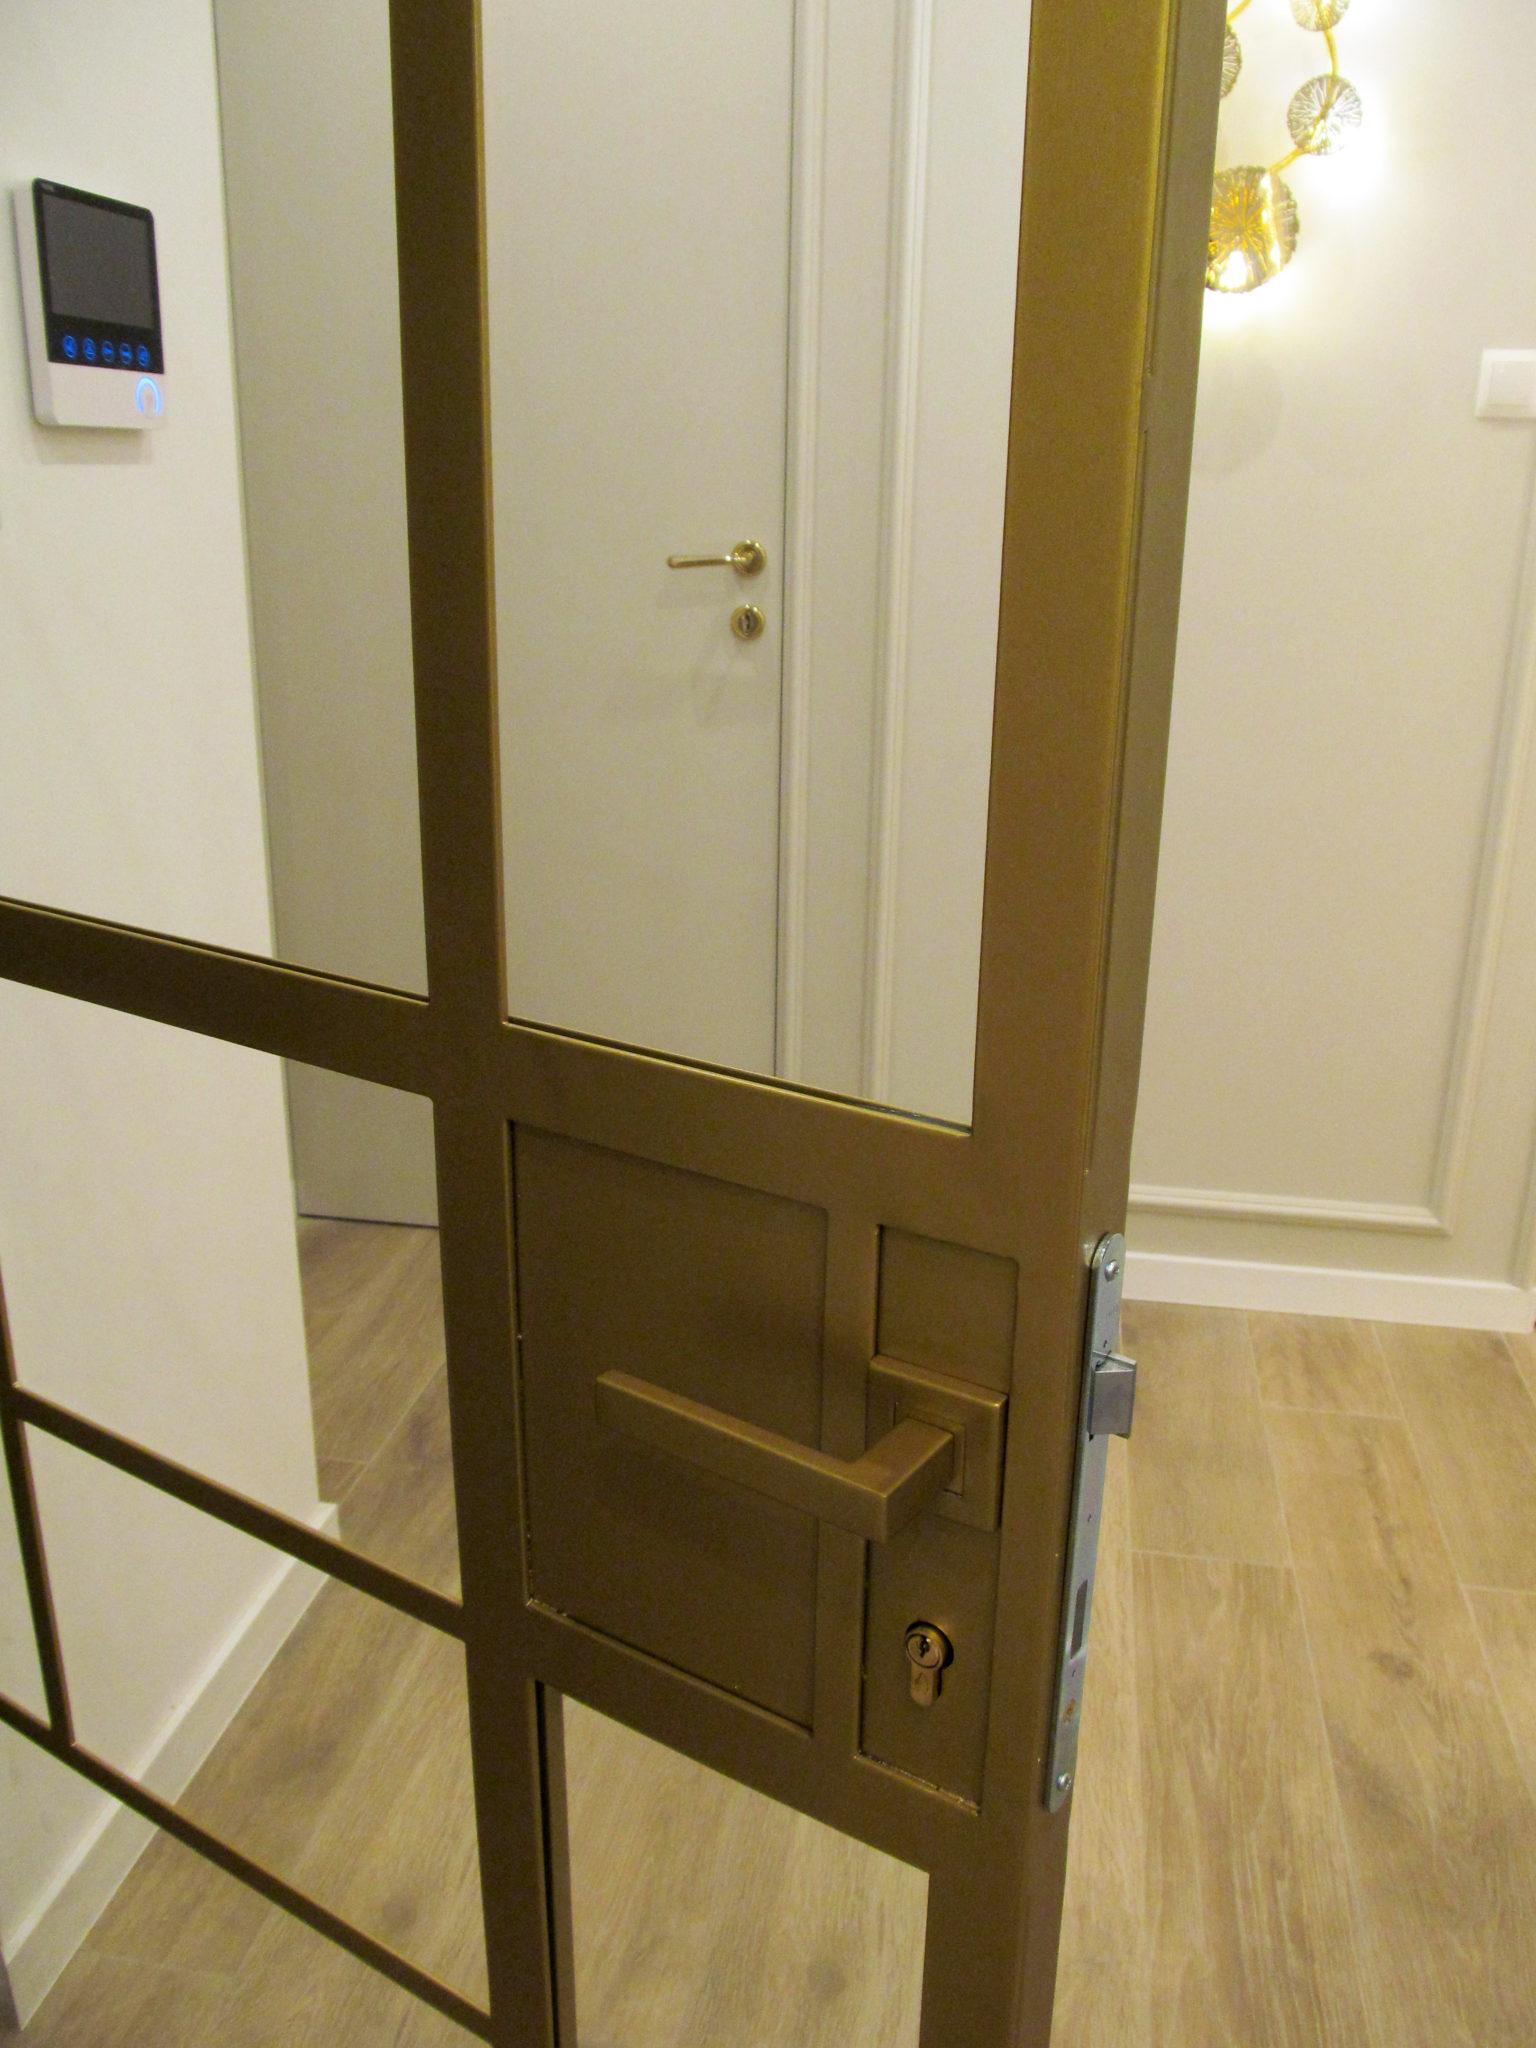 Drzwi loft jednoskrzydłowe złote z klamką oraz zamkiem z wkładką Yalowską otwierane na lewą stronę